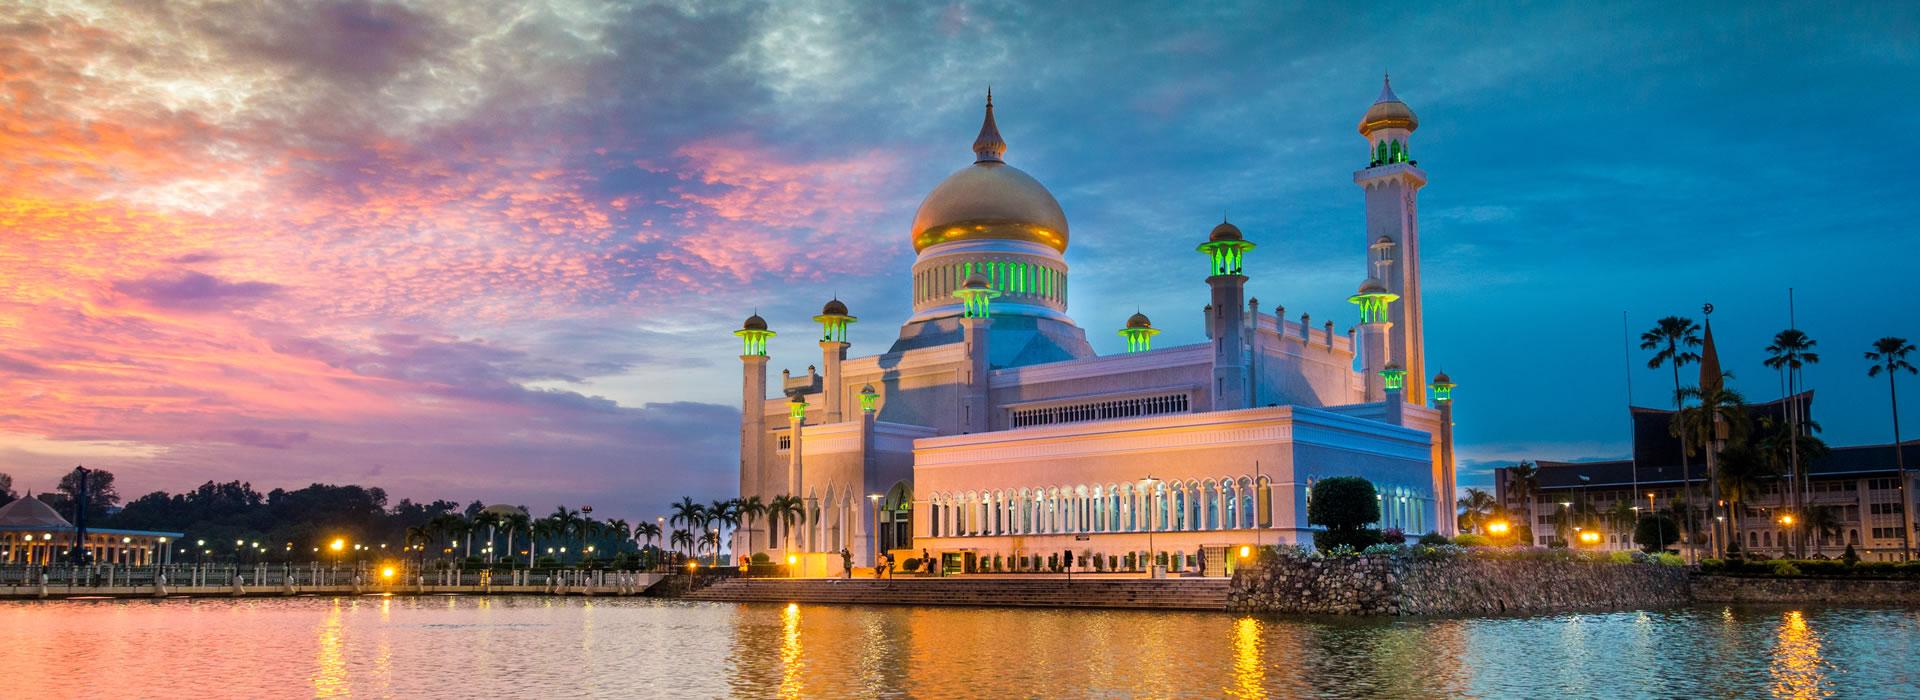 mosque_1920x700.jpg